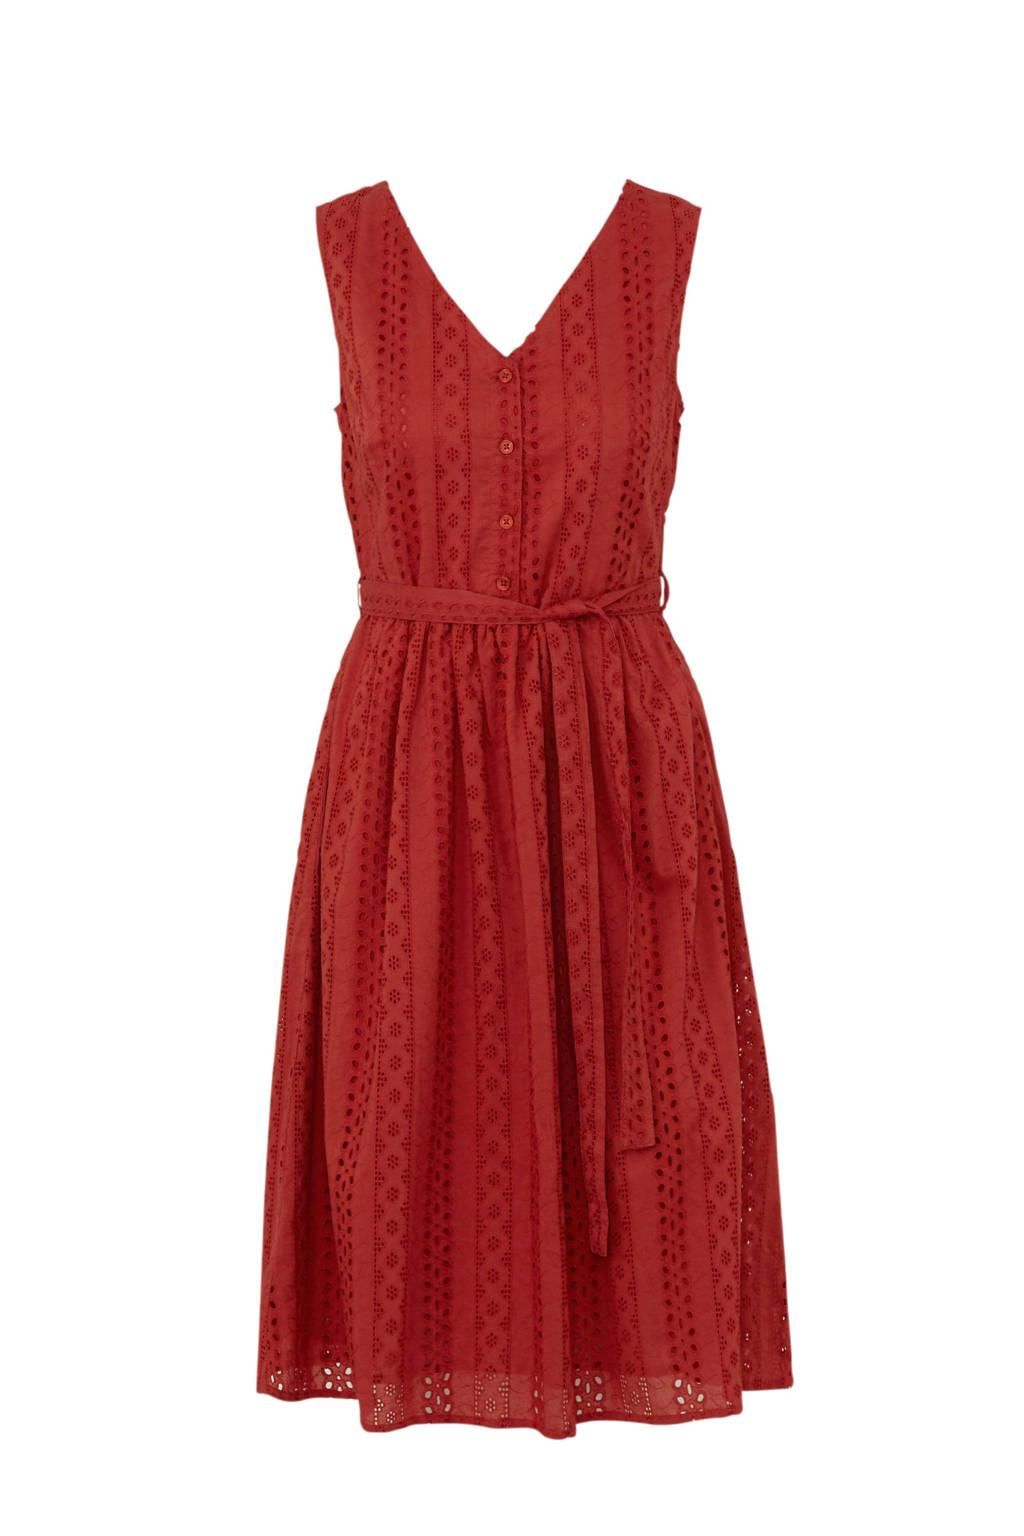 C&A Yessica jurk rood met borduursels, Rood